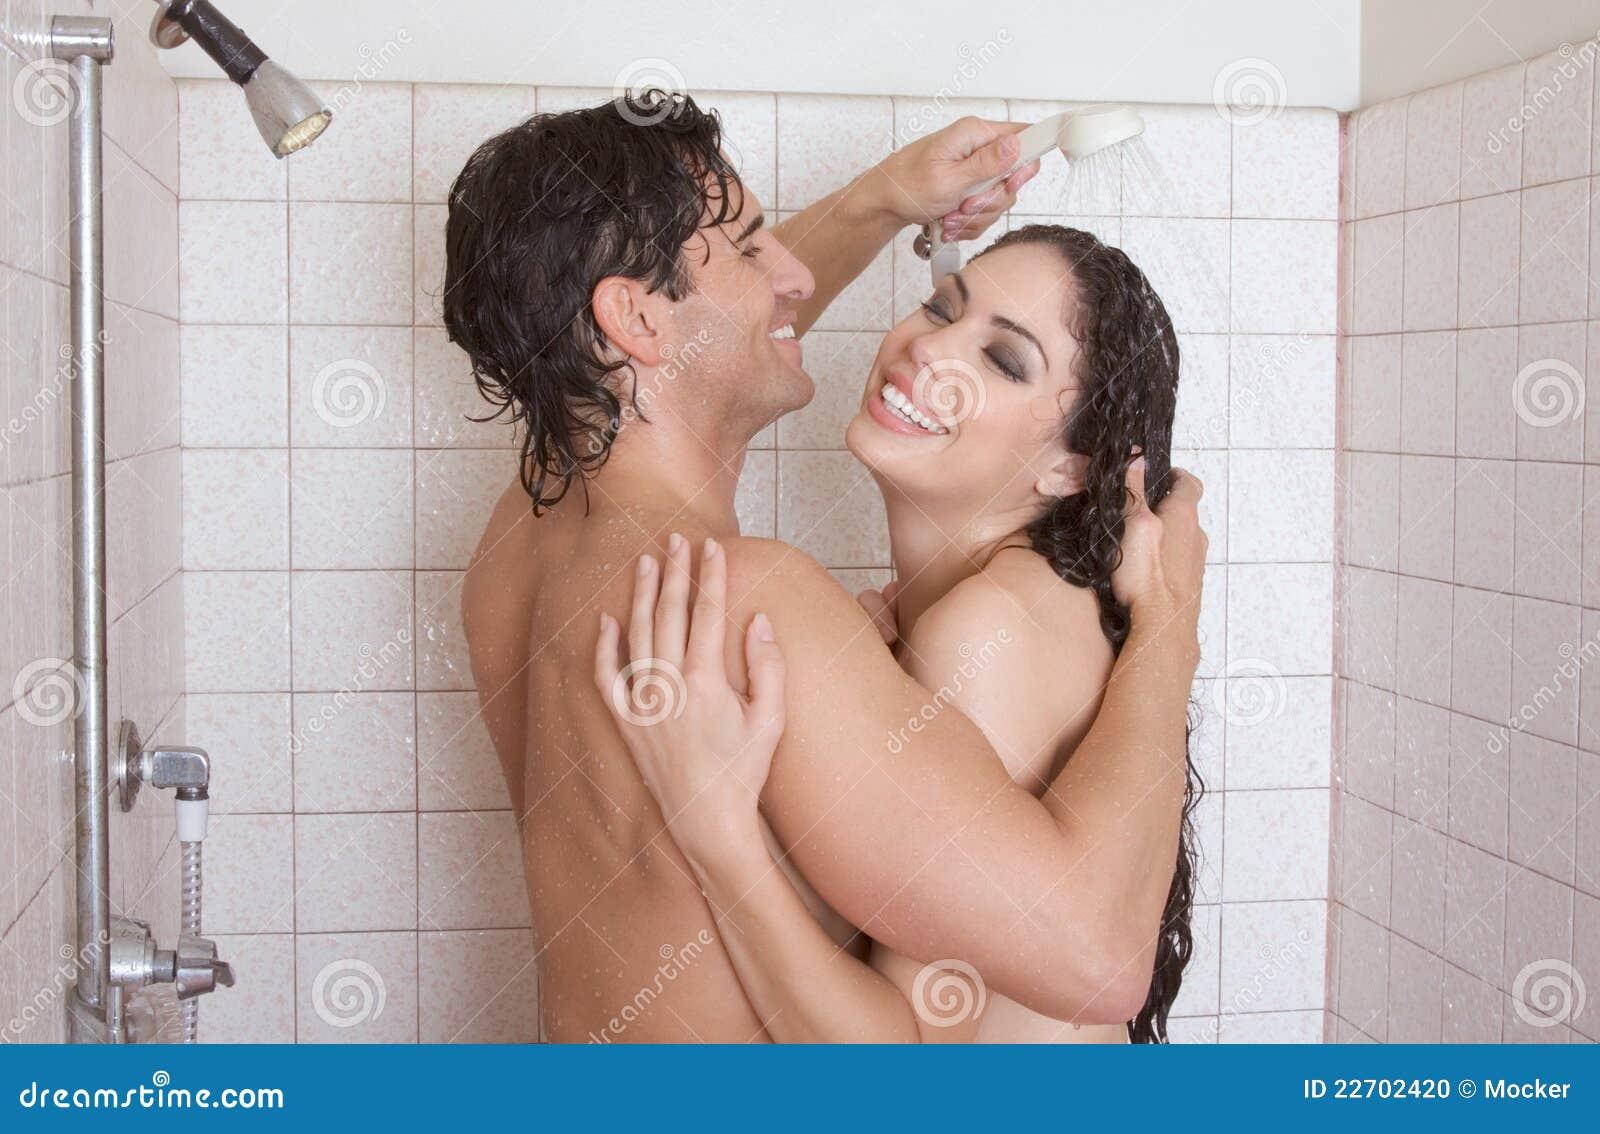 douche vrouw groot